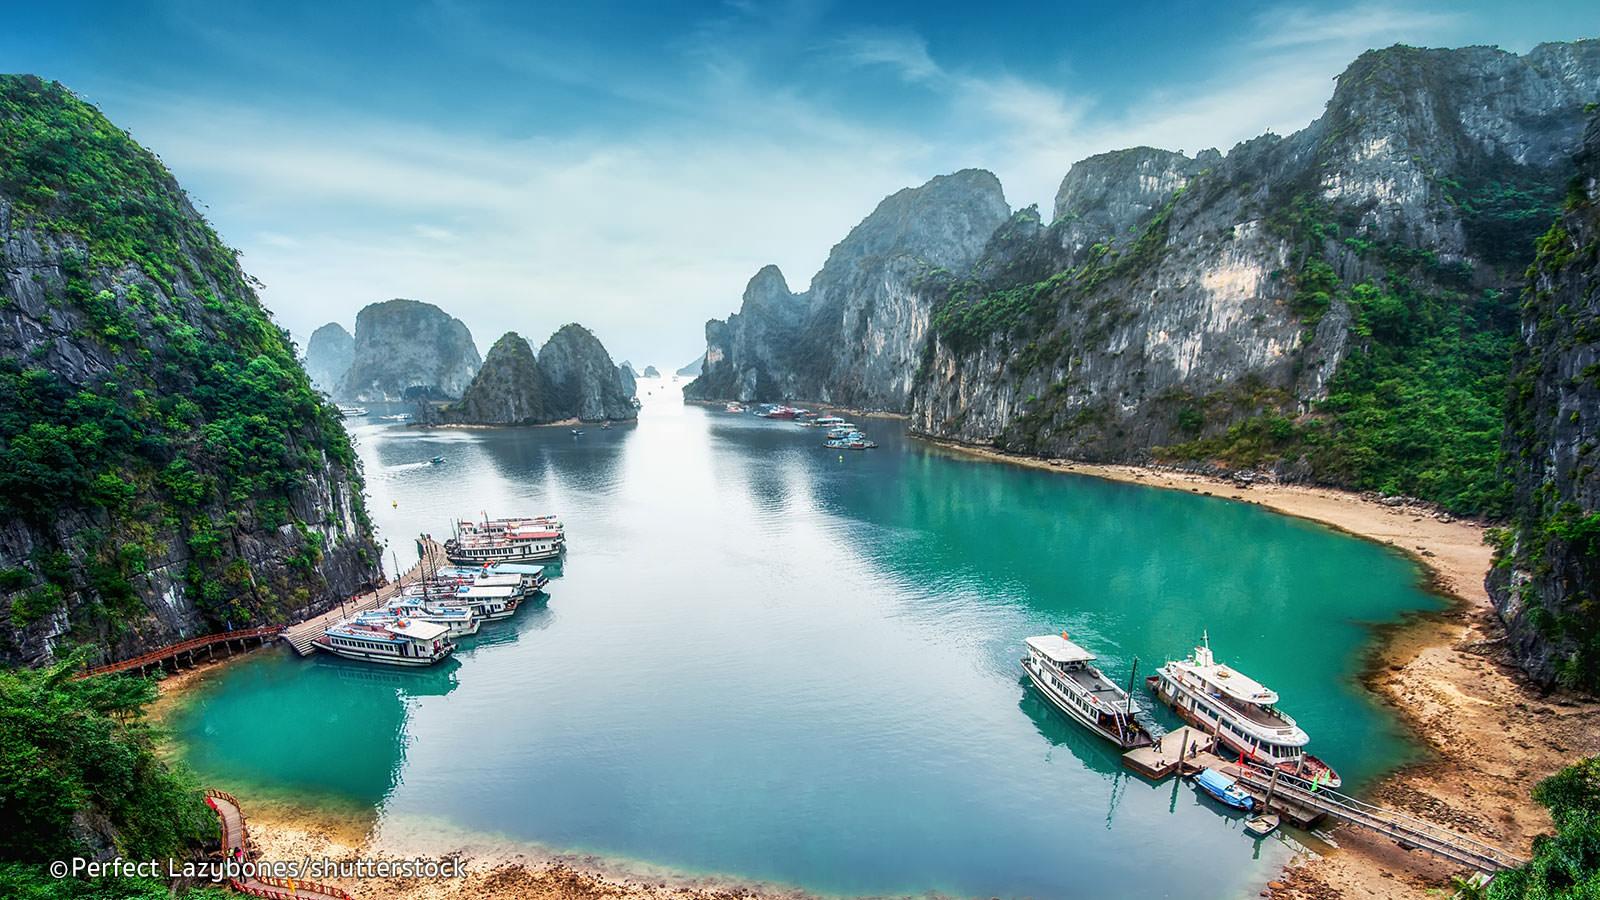 Vietnam [August - November] Hin- und Rückflug mit Vietnam Airlines / Air France von Düsseldorf nach Hanoi ab 414 € inkl. Gepäck